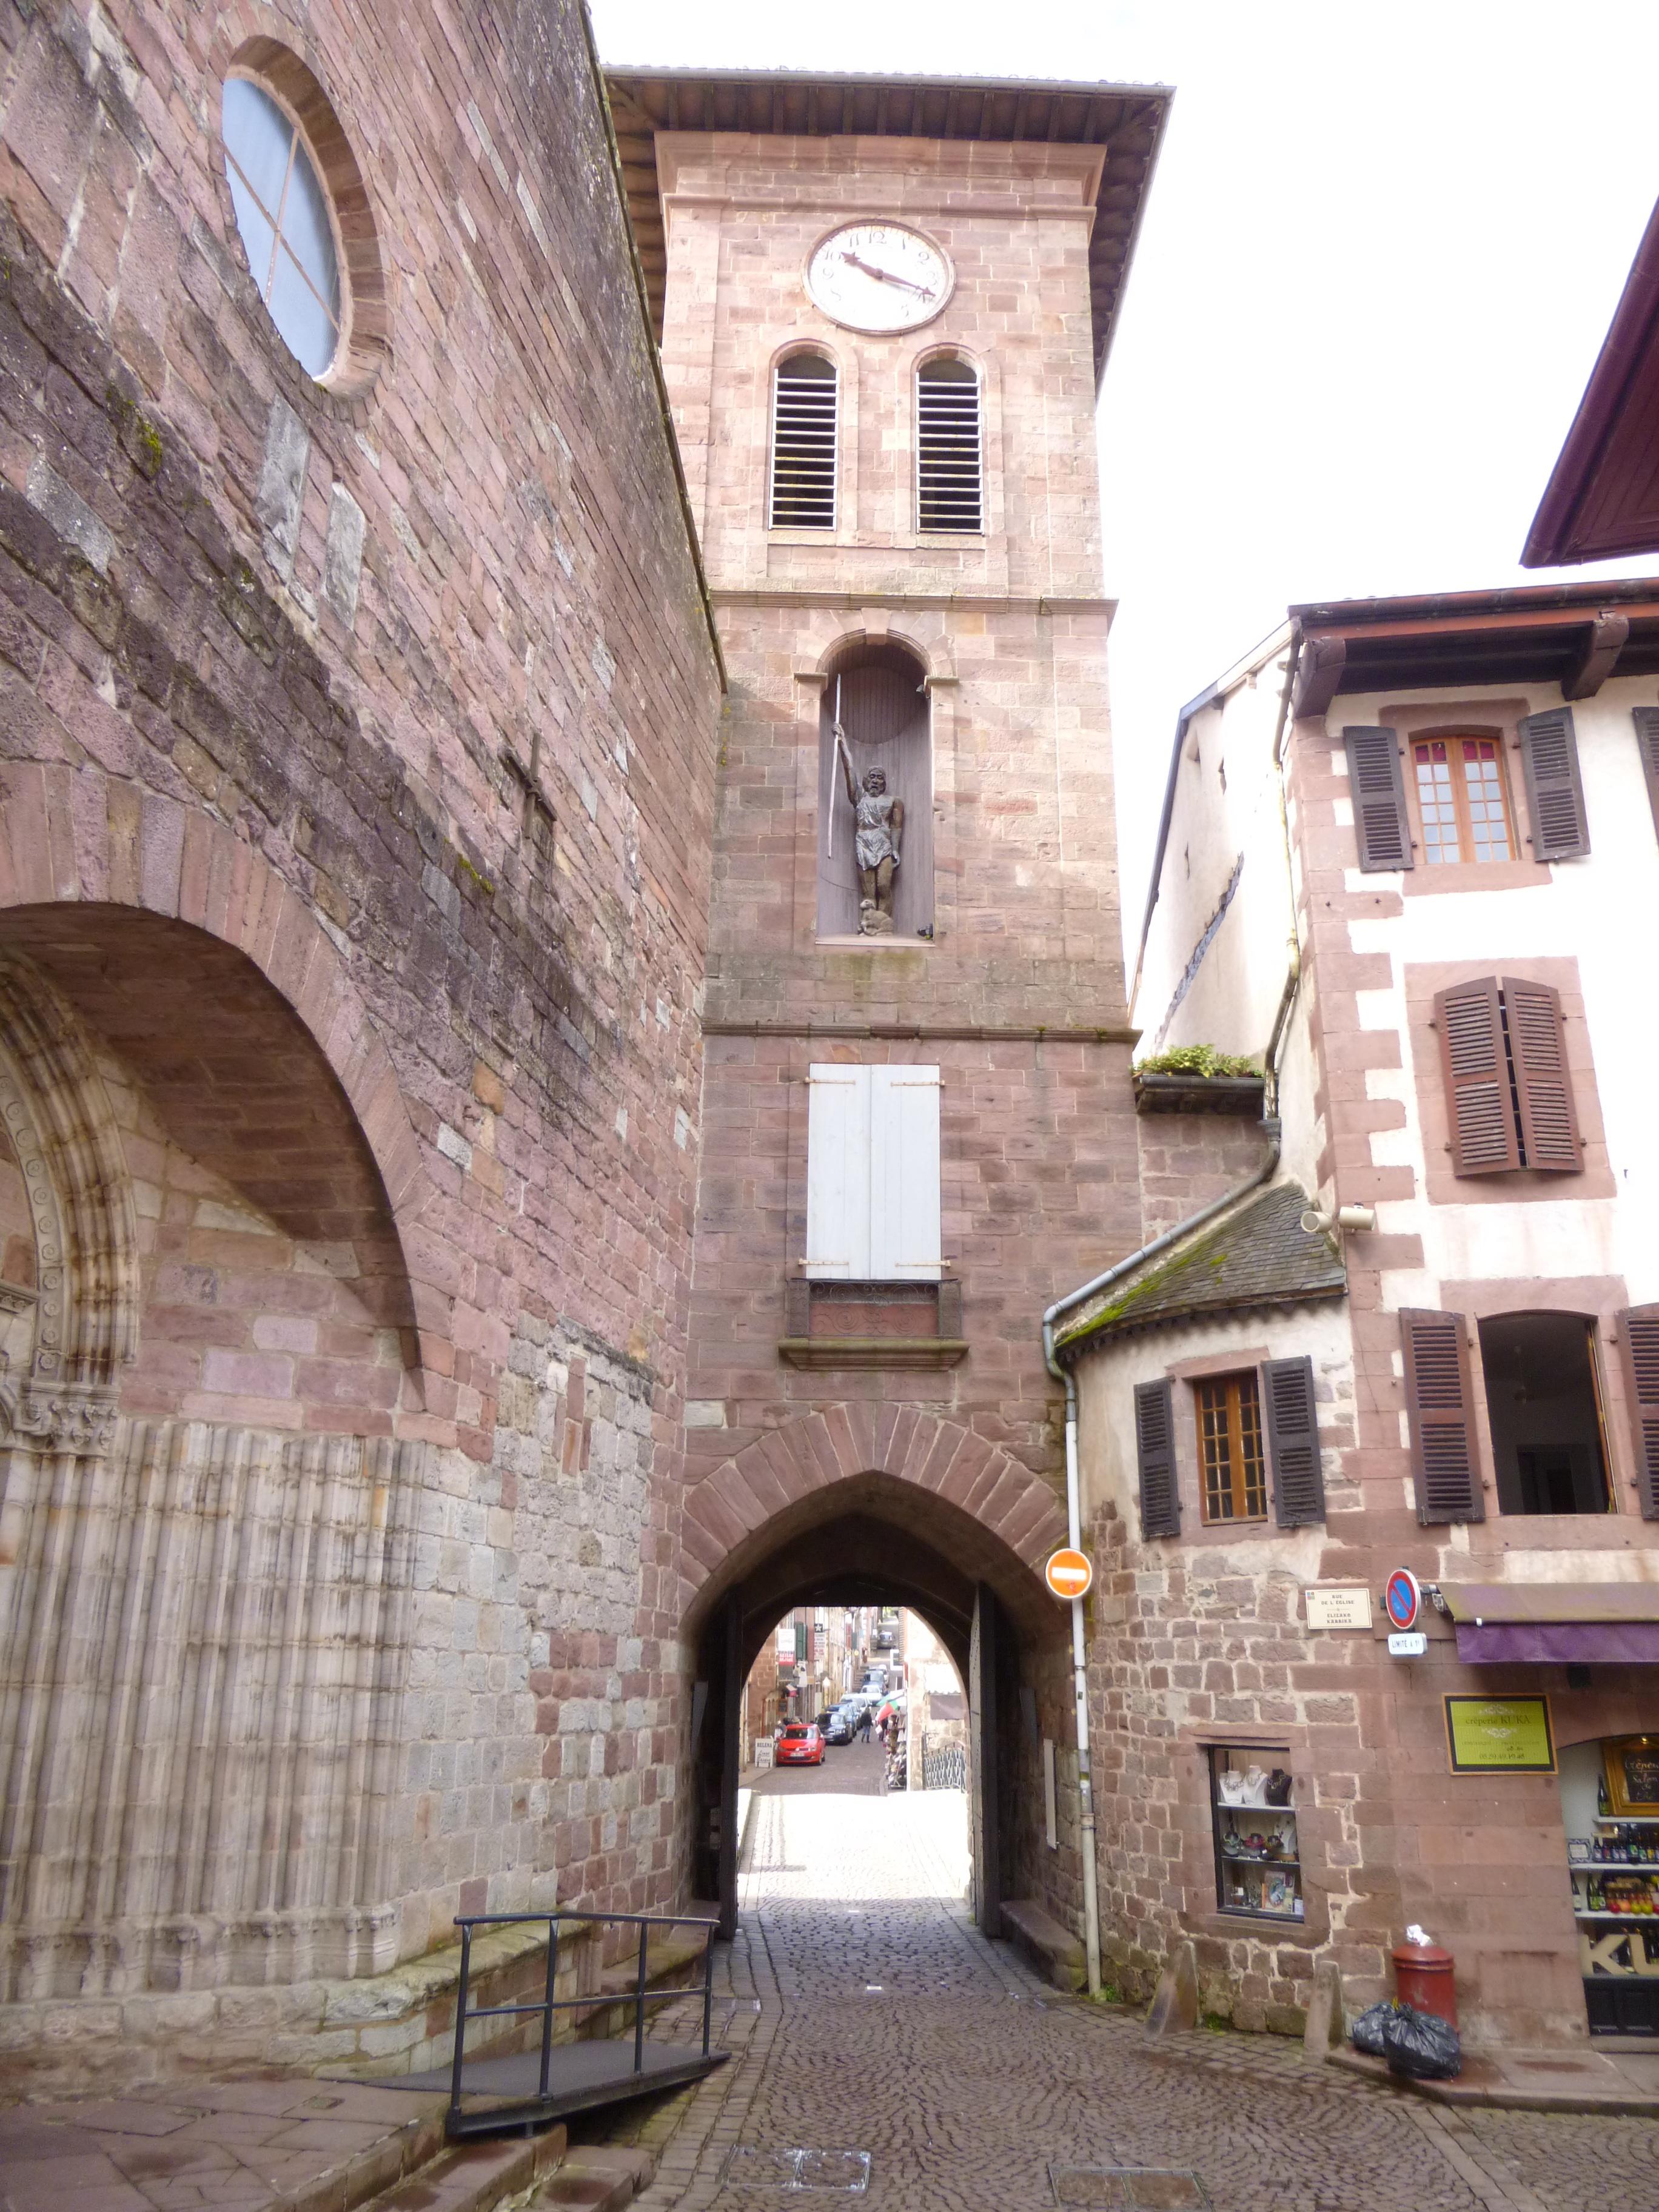 La balade du rebelle saint jean pied de port - Mairie st jean pied de port ...